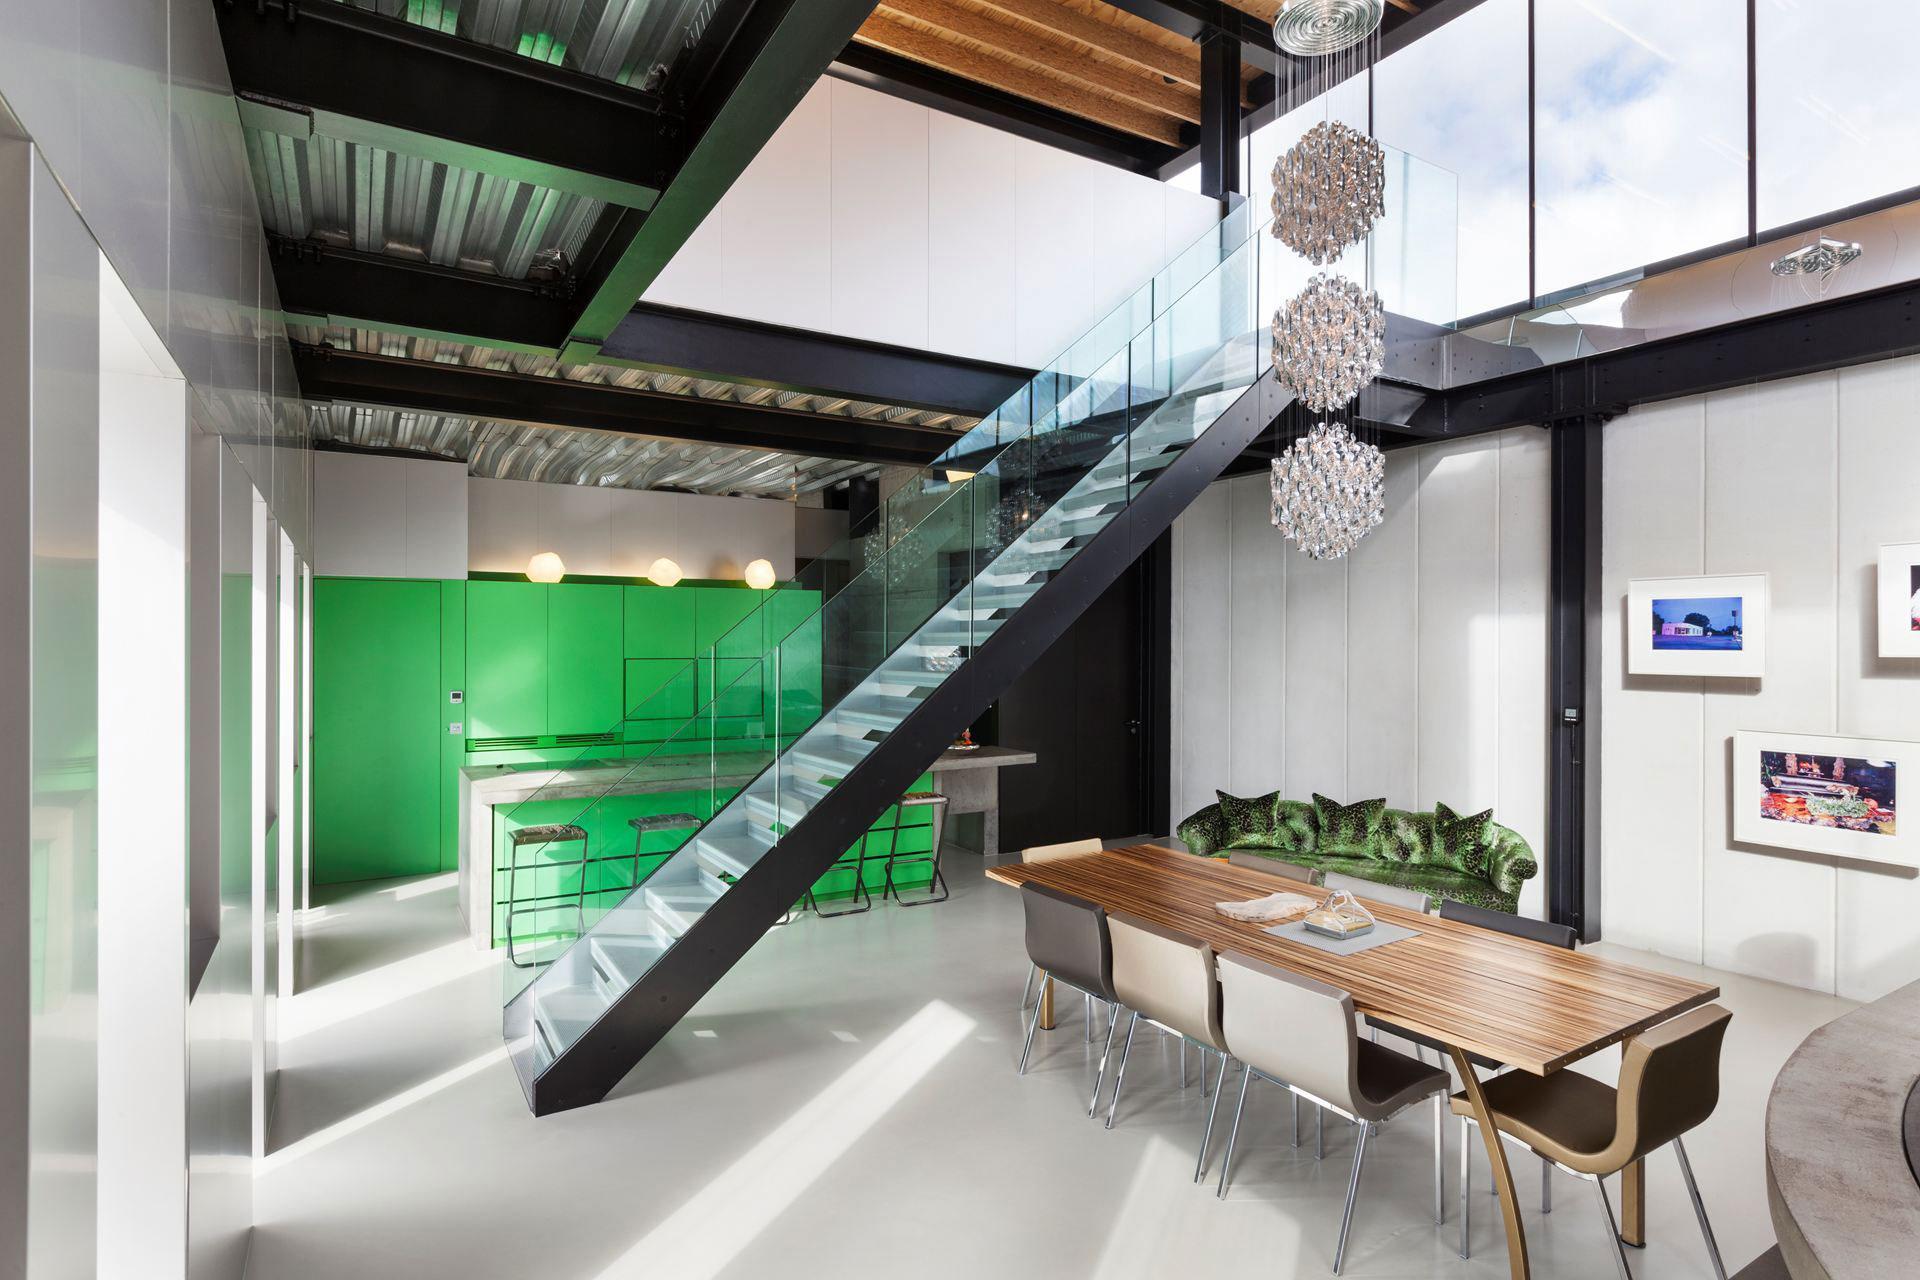 Silverlight Home in West London by Adjaye Associates-07